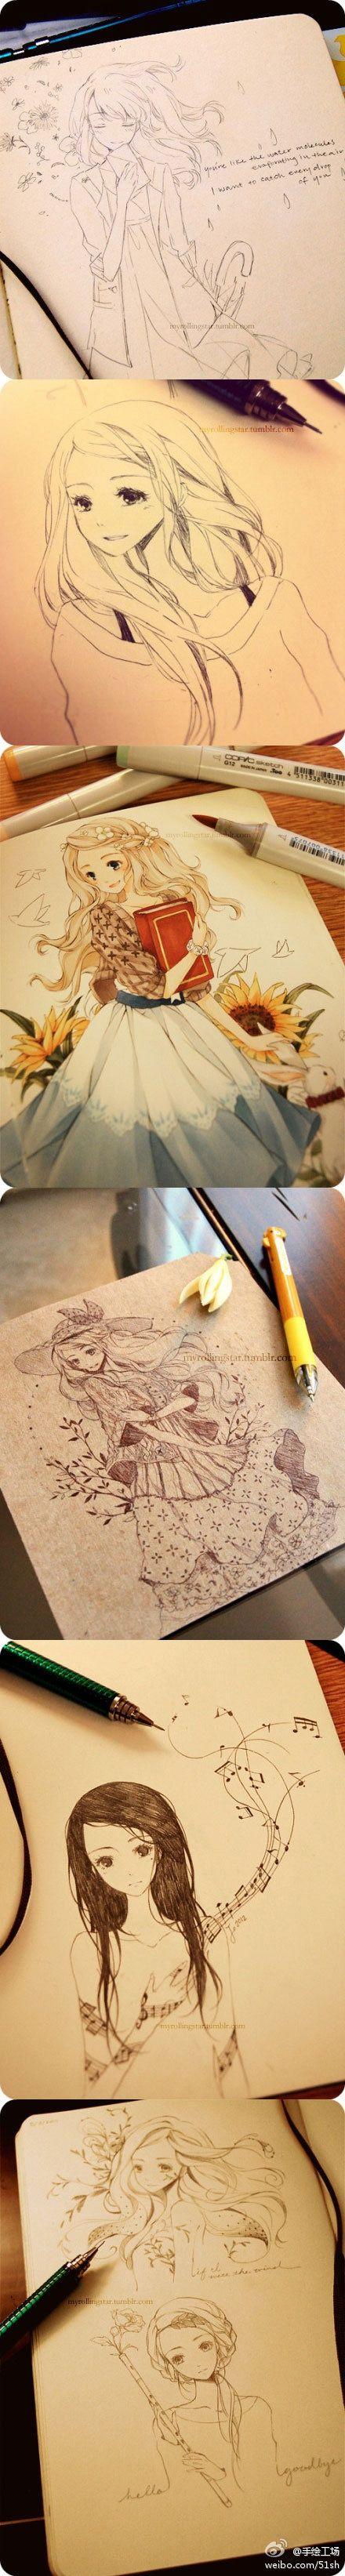 ✮ ANIME ART ✮ anime girls. . .drawing. . .doodle. . .work in progress. . .pen. . .marker. . .cute. . .kawaii